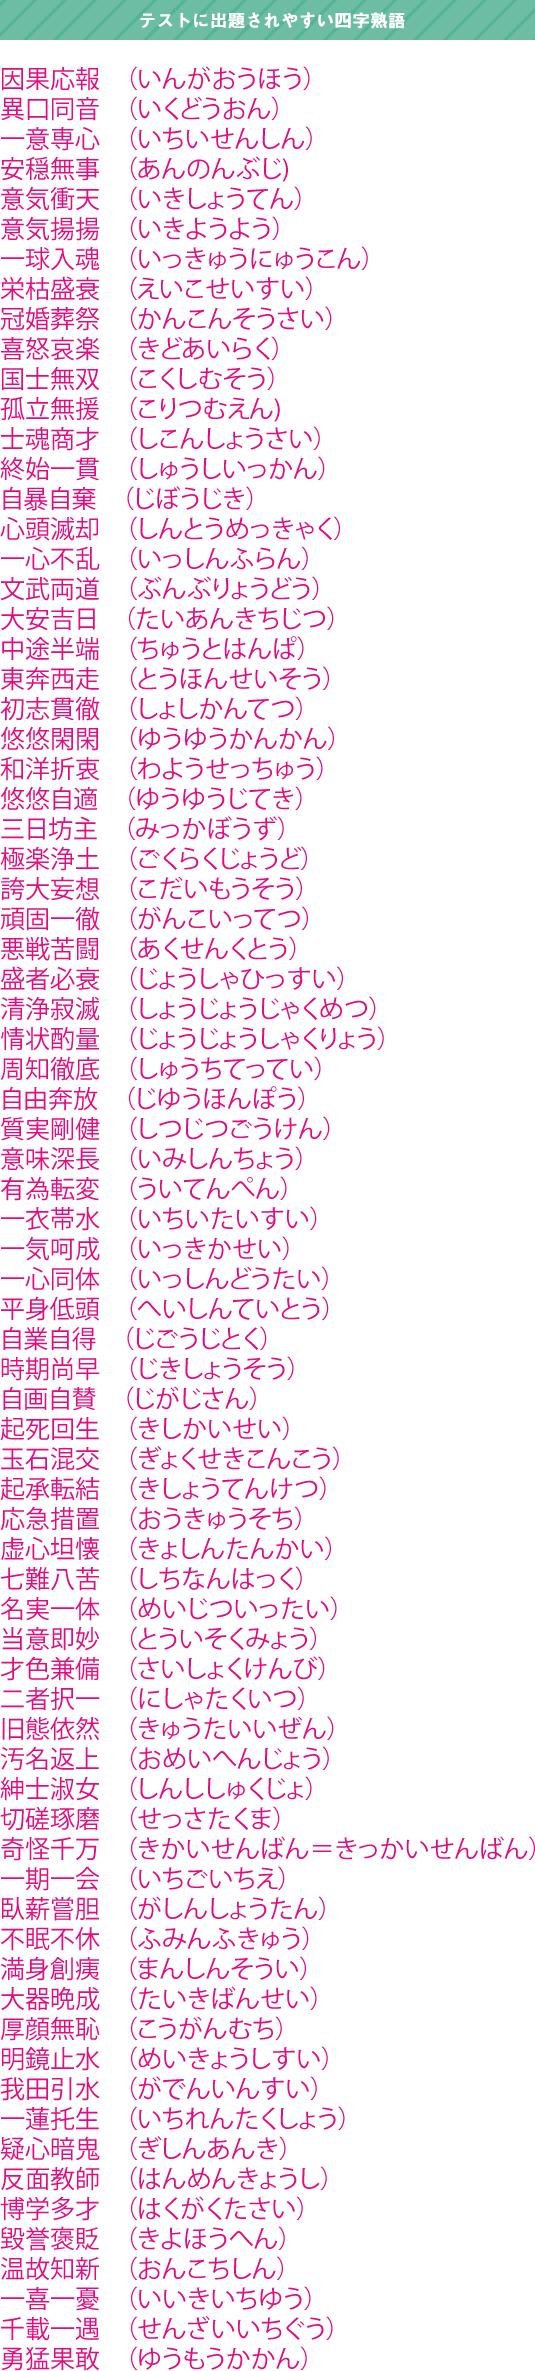 yojijukugo6